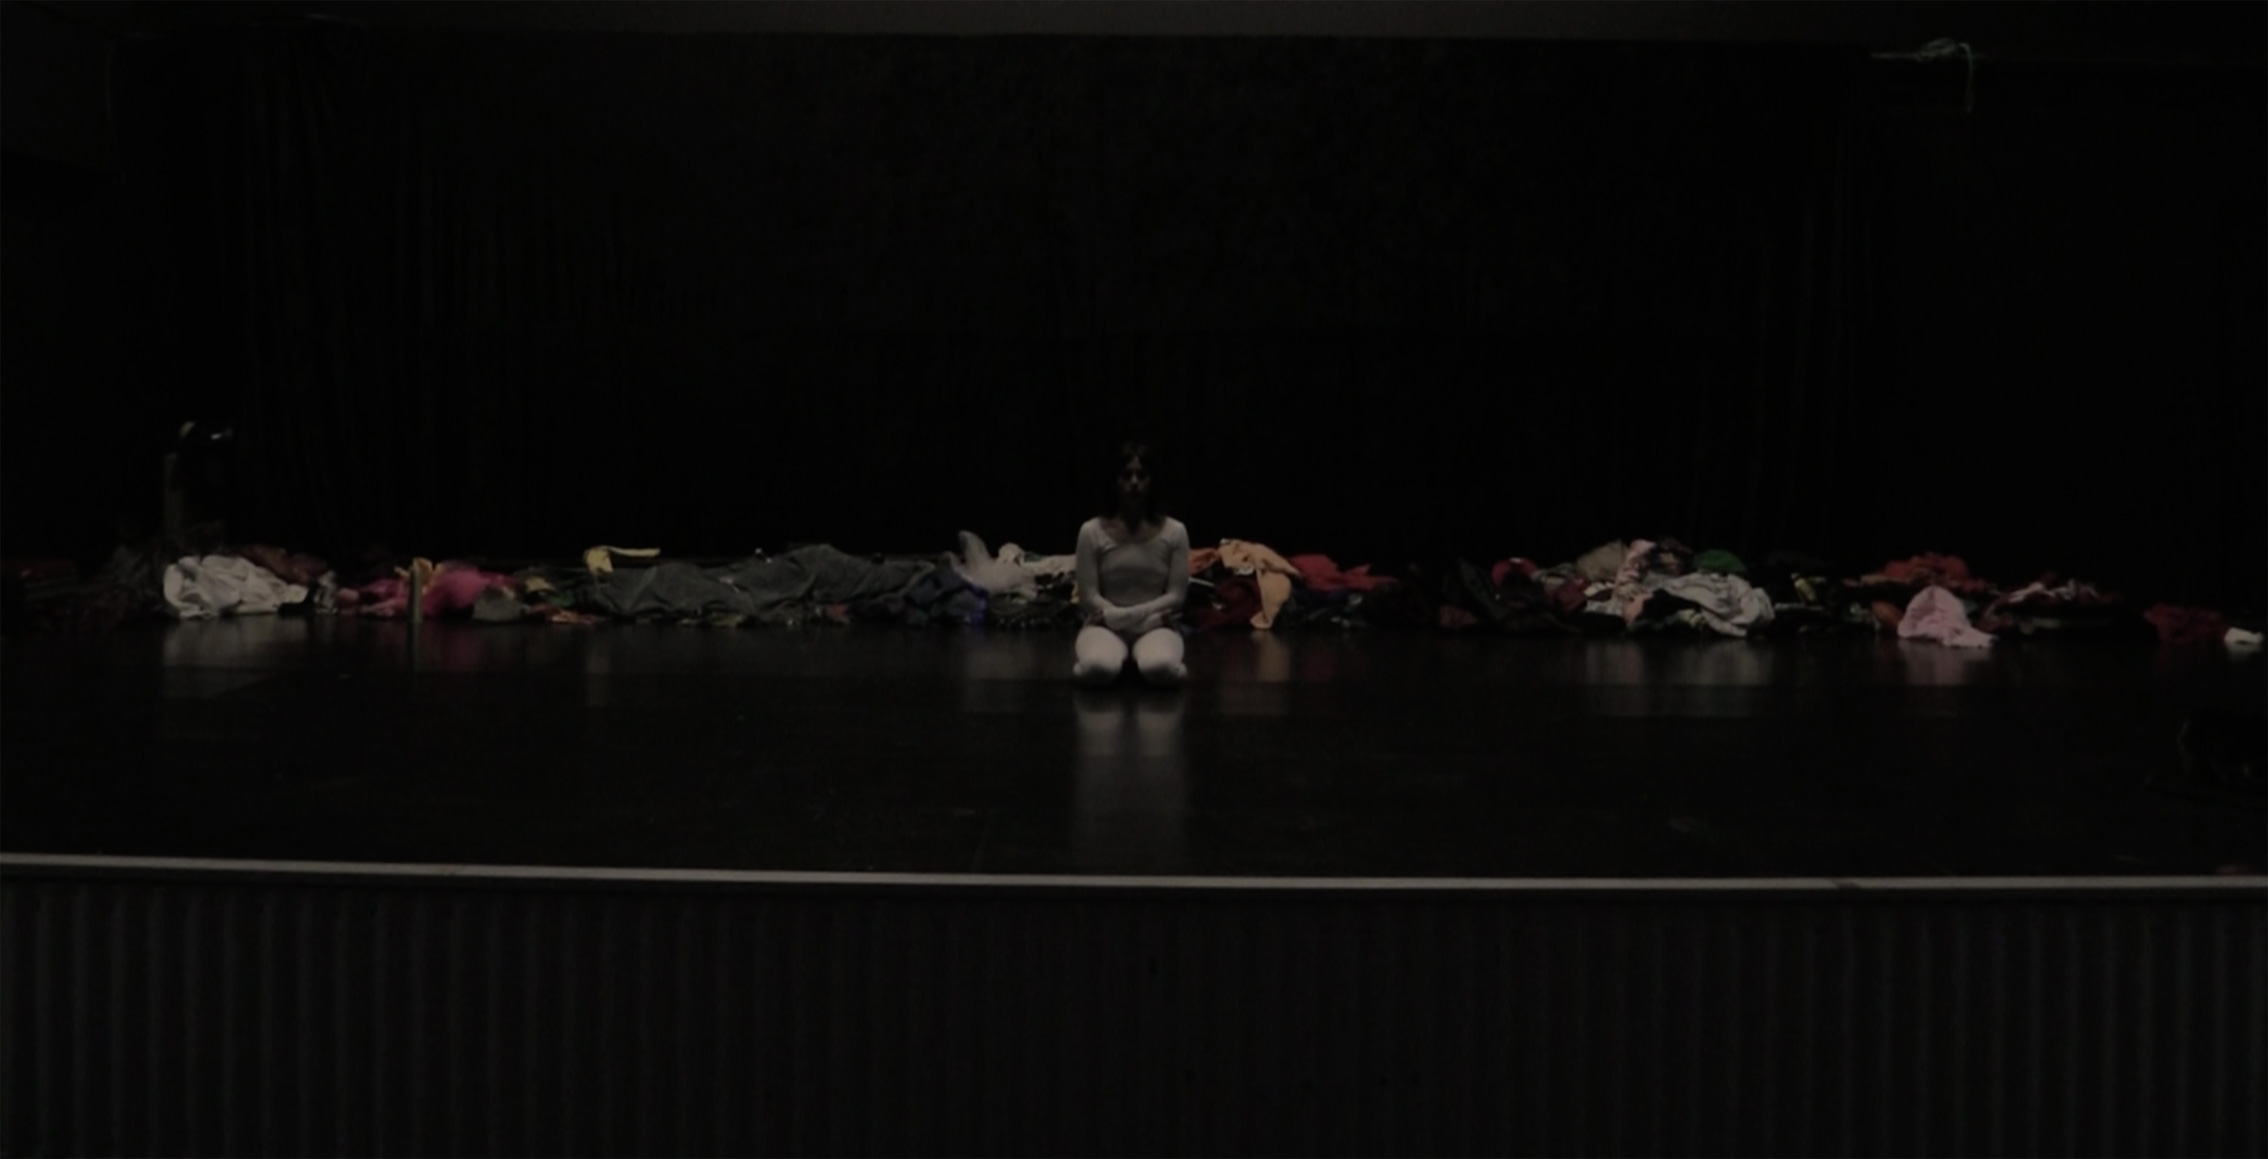 Emmanuelle Rosso / Artiste Plasticienne / Troupe Erratum / Blue Theater Project / galerie LaVitrine Limoges réseau 5/25